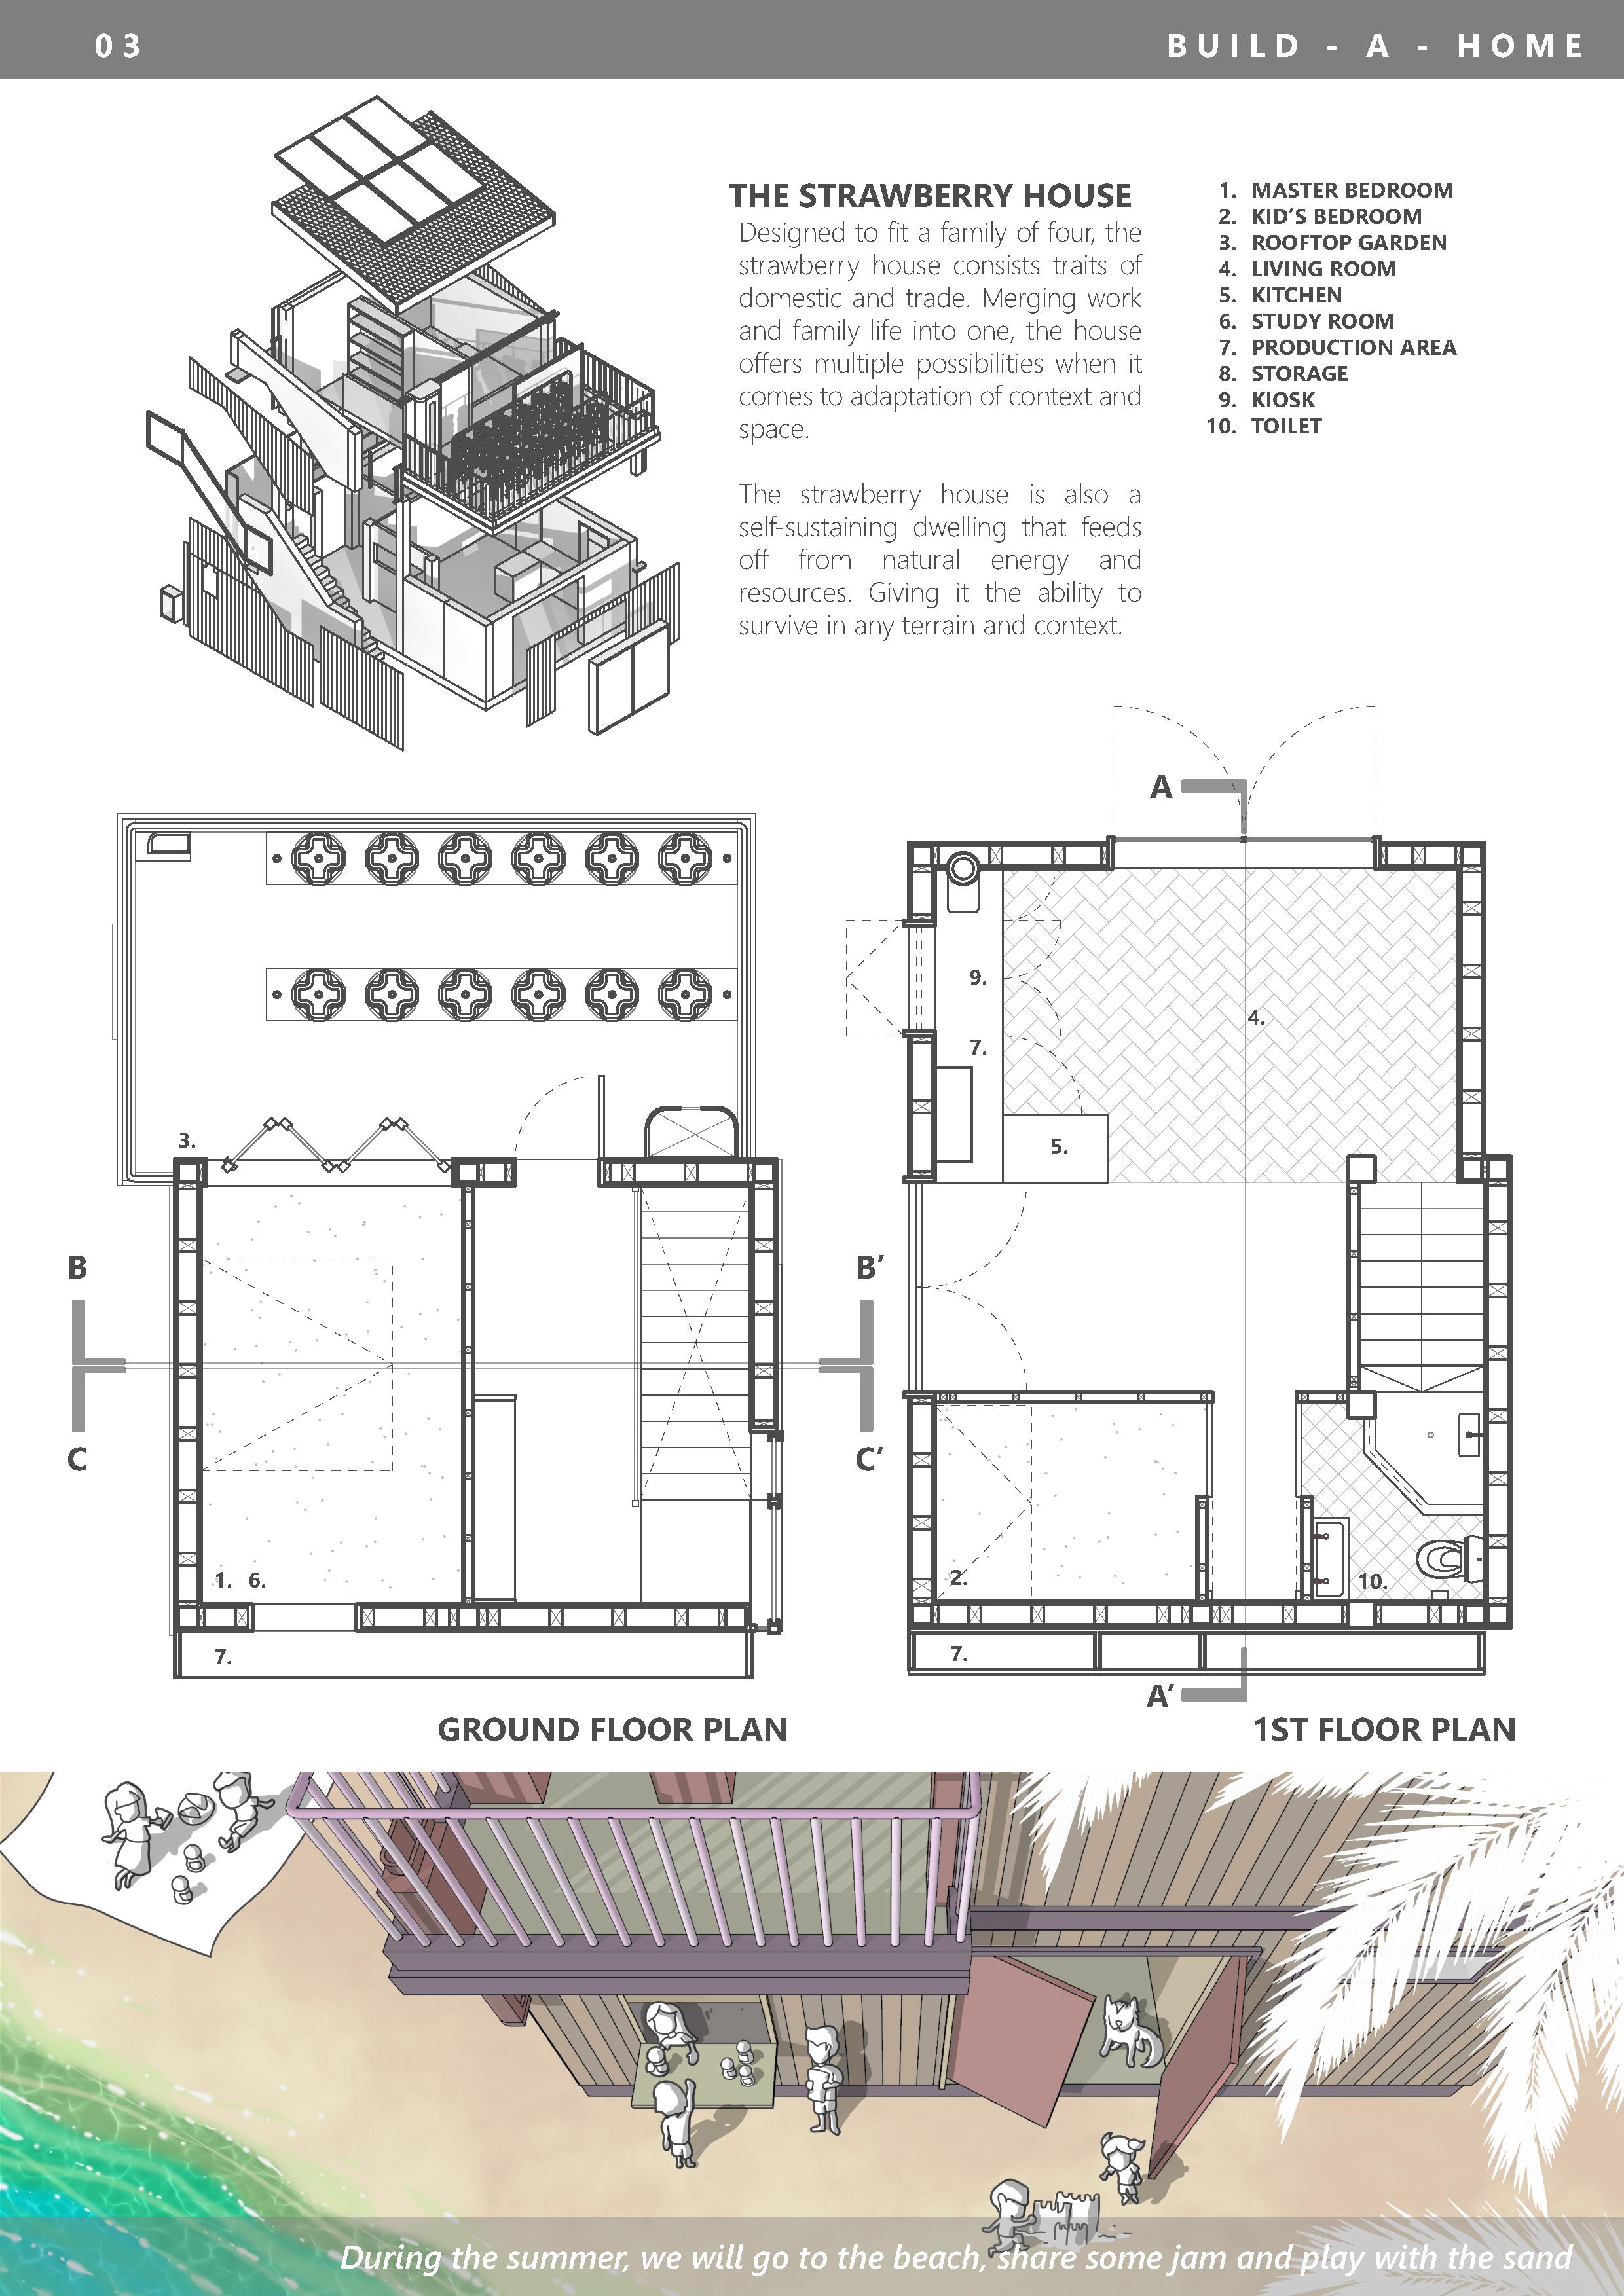 BUILD A HOME_3